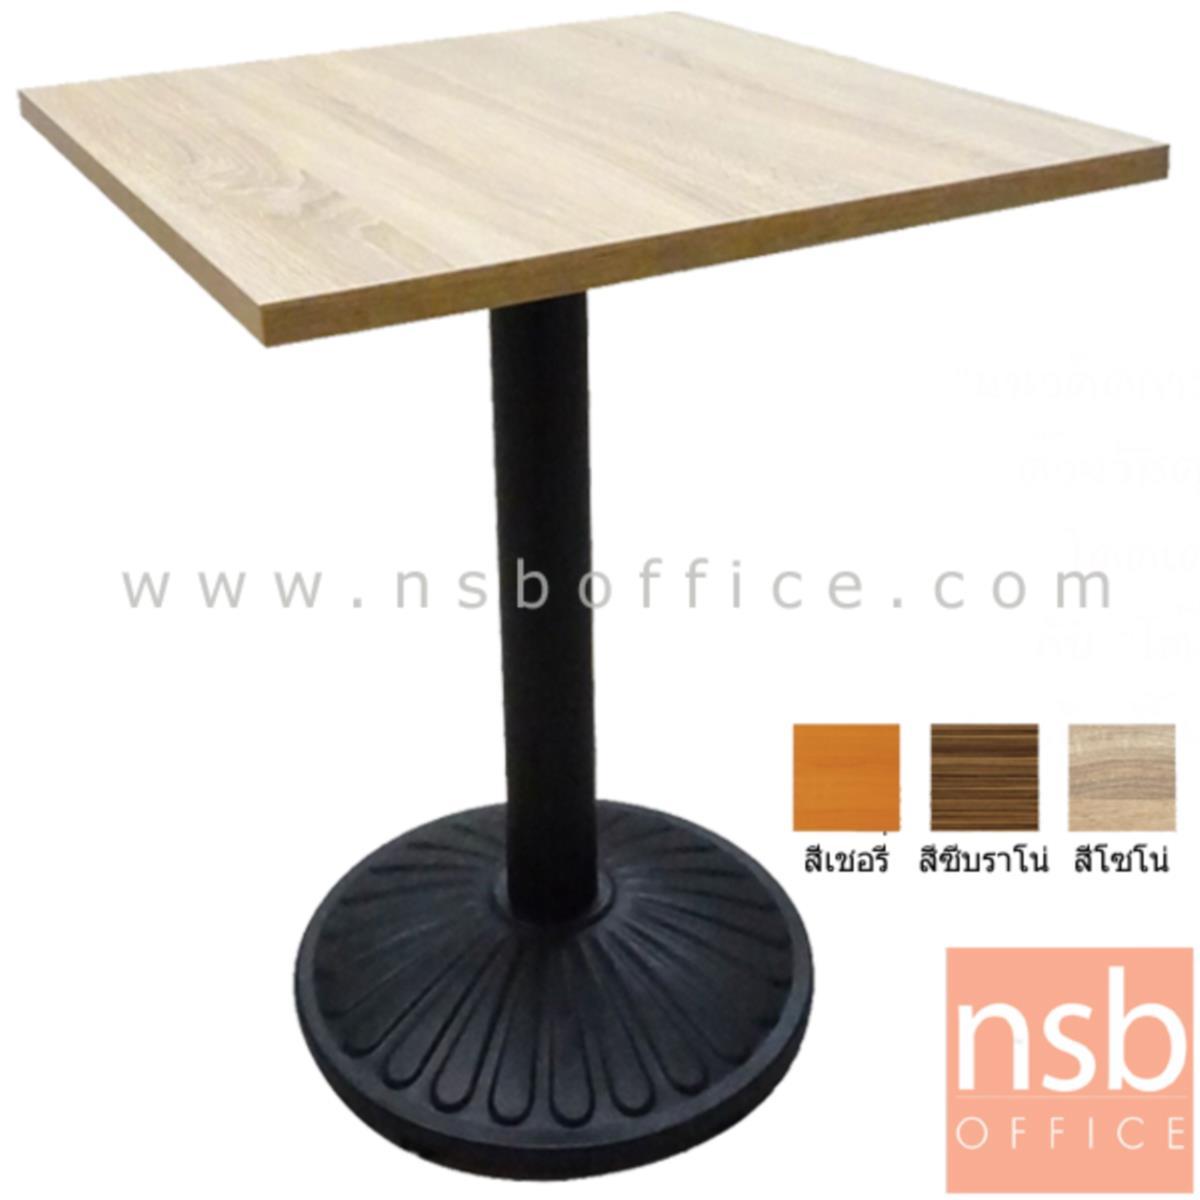 A09A128:โต๊ะบาร์หน้าเหลี่ยม  รุ่น BH6015  ขนาด 60W cm. ขาเหล็กทรงกลมหมูกระทะ